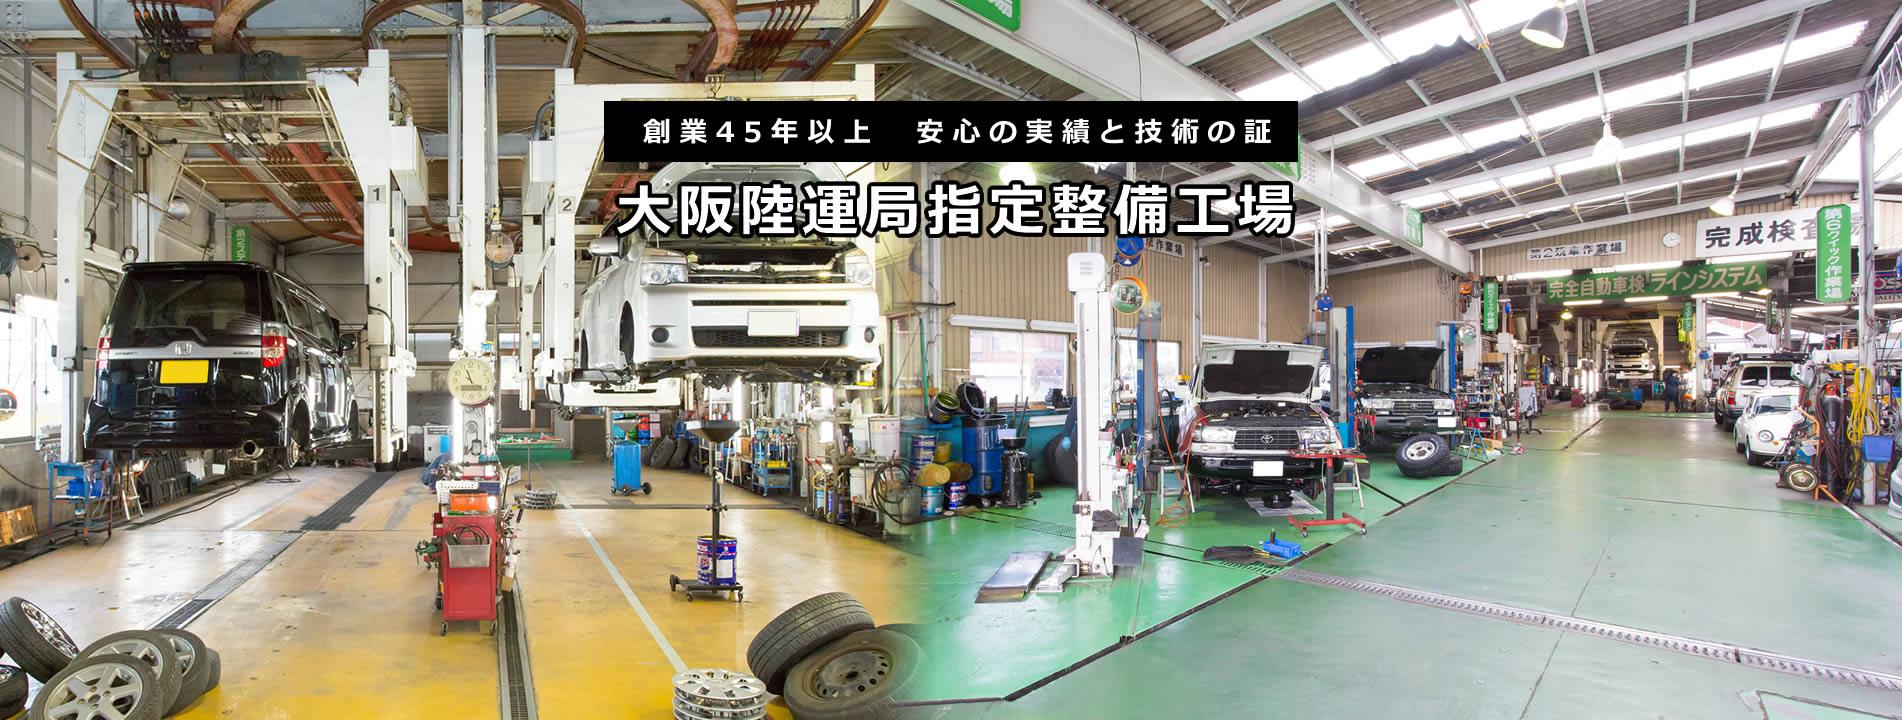 大阪陸運局指定整備工場